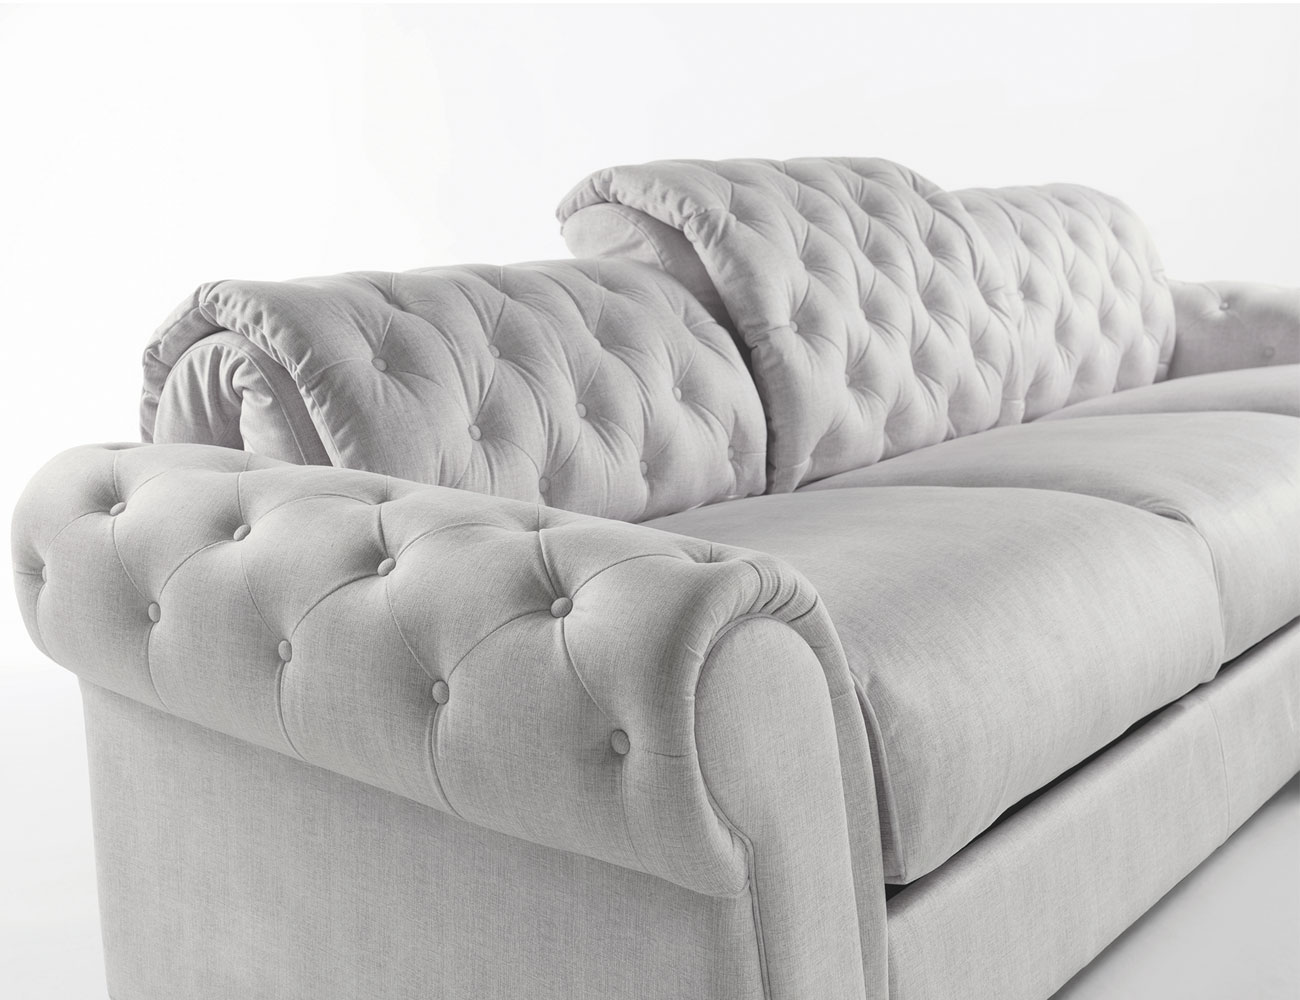 Sofa chaiselongue gran lujo decorativo capitone blanco tela 131